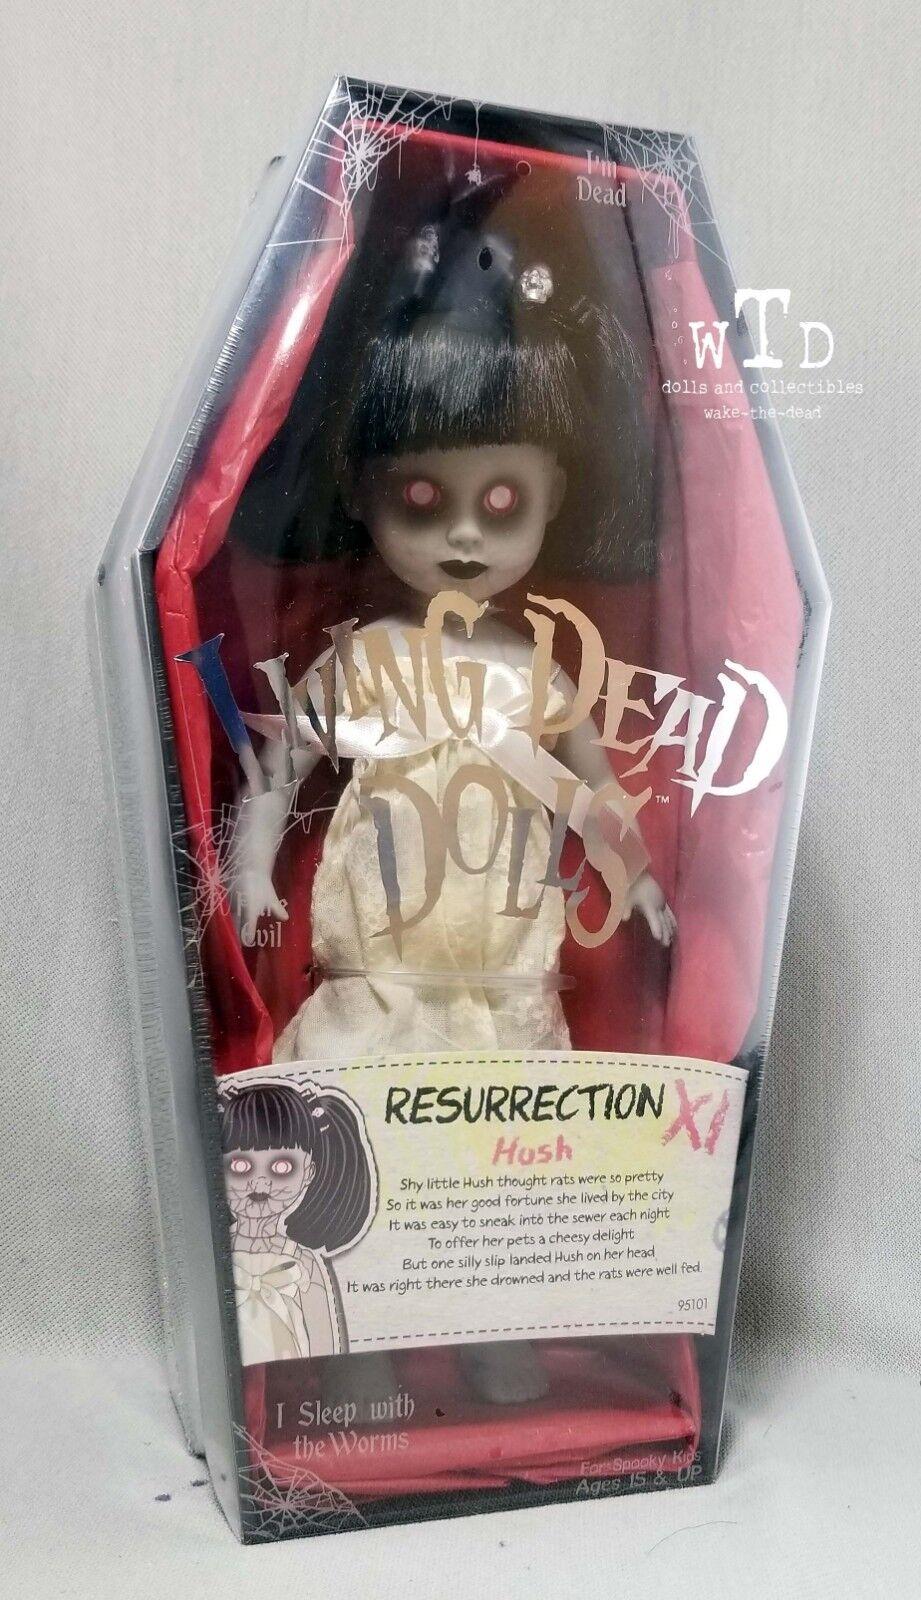 Ldd Living Dead Dolls  resurrección Xi  Hush  Sellado res 11